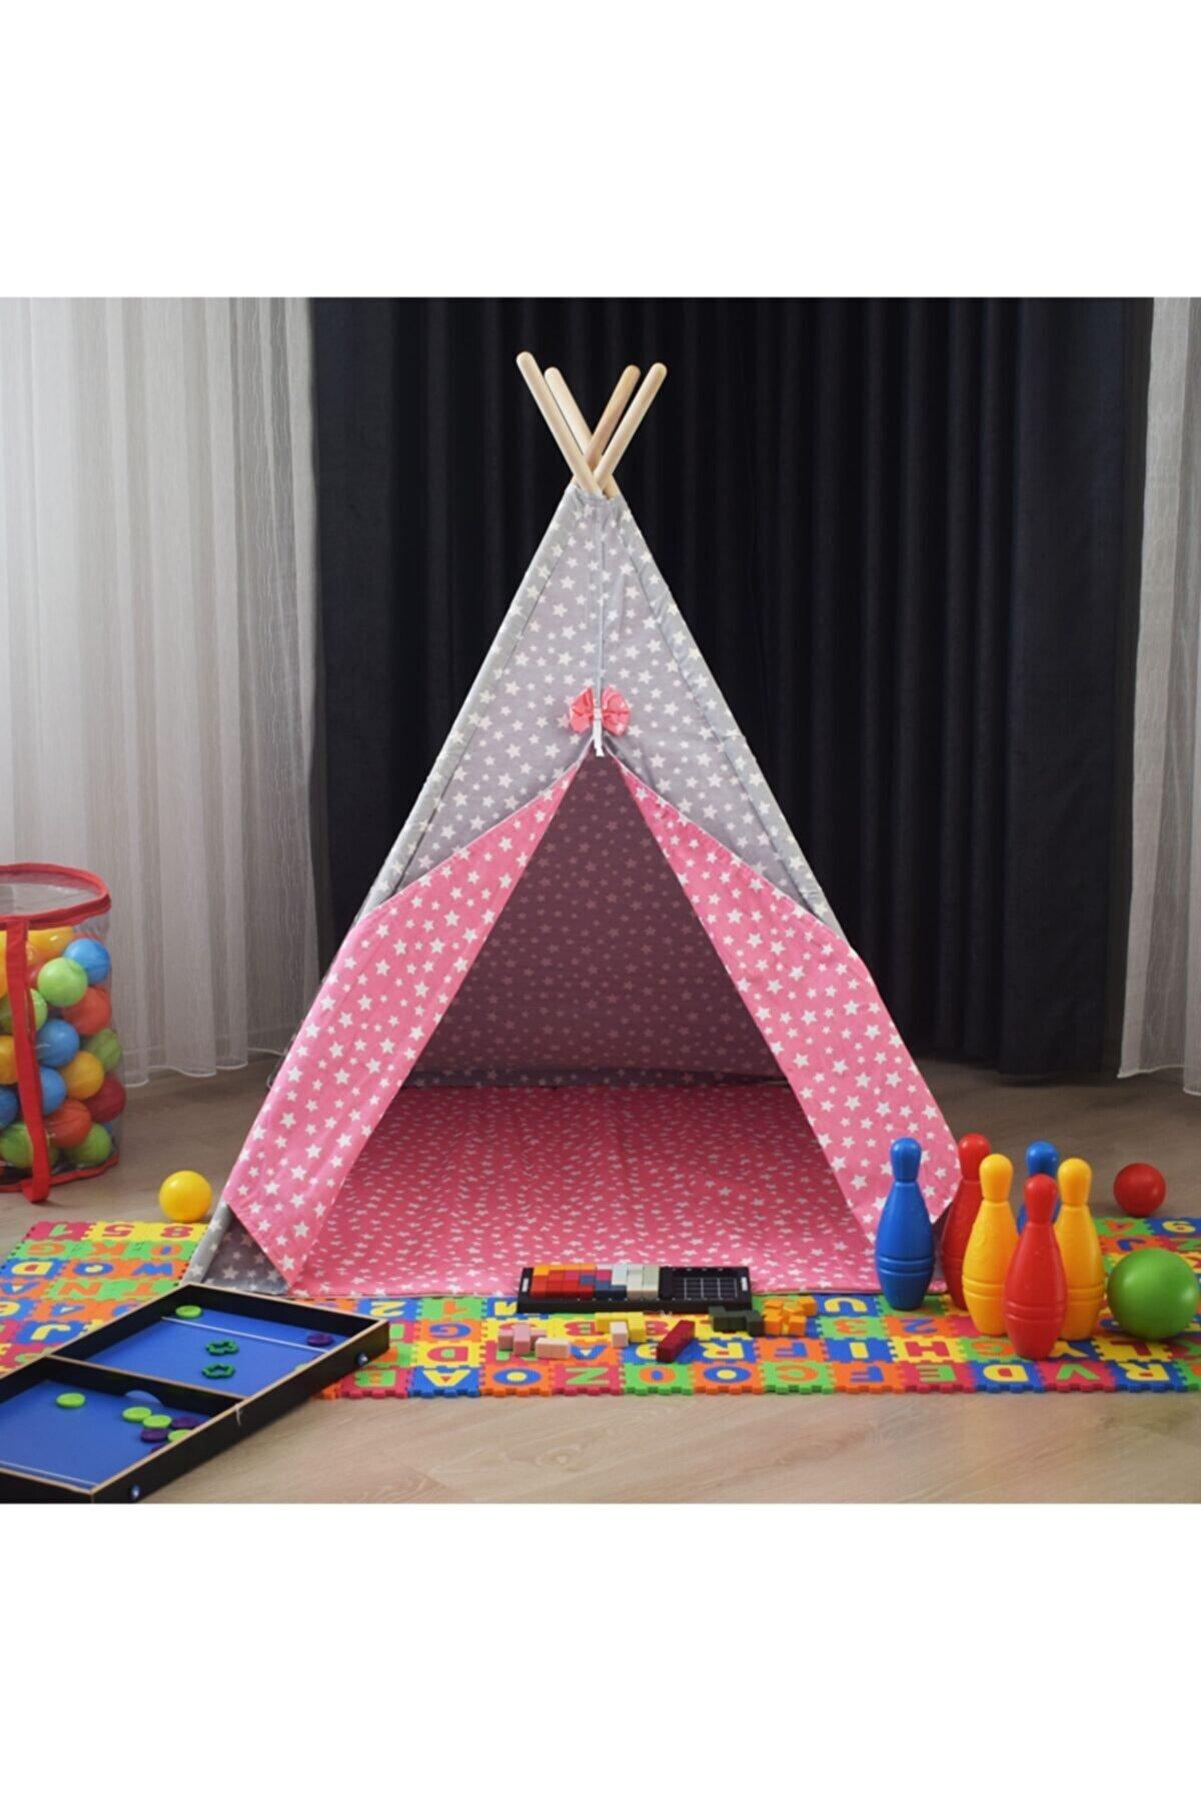 miniks Pamuklu Ahşap Çocuk Oyun Çadırı Evi Kızılderili Çadırı